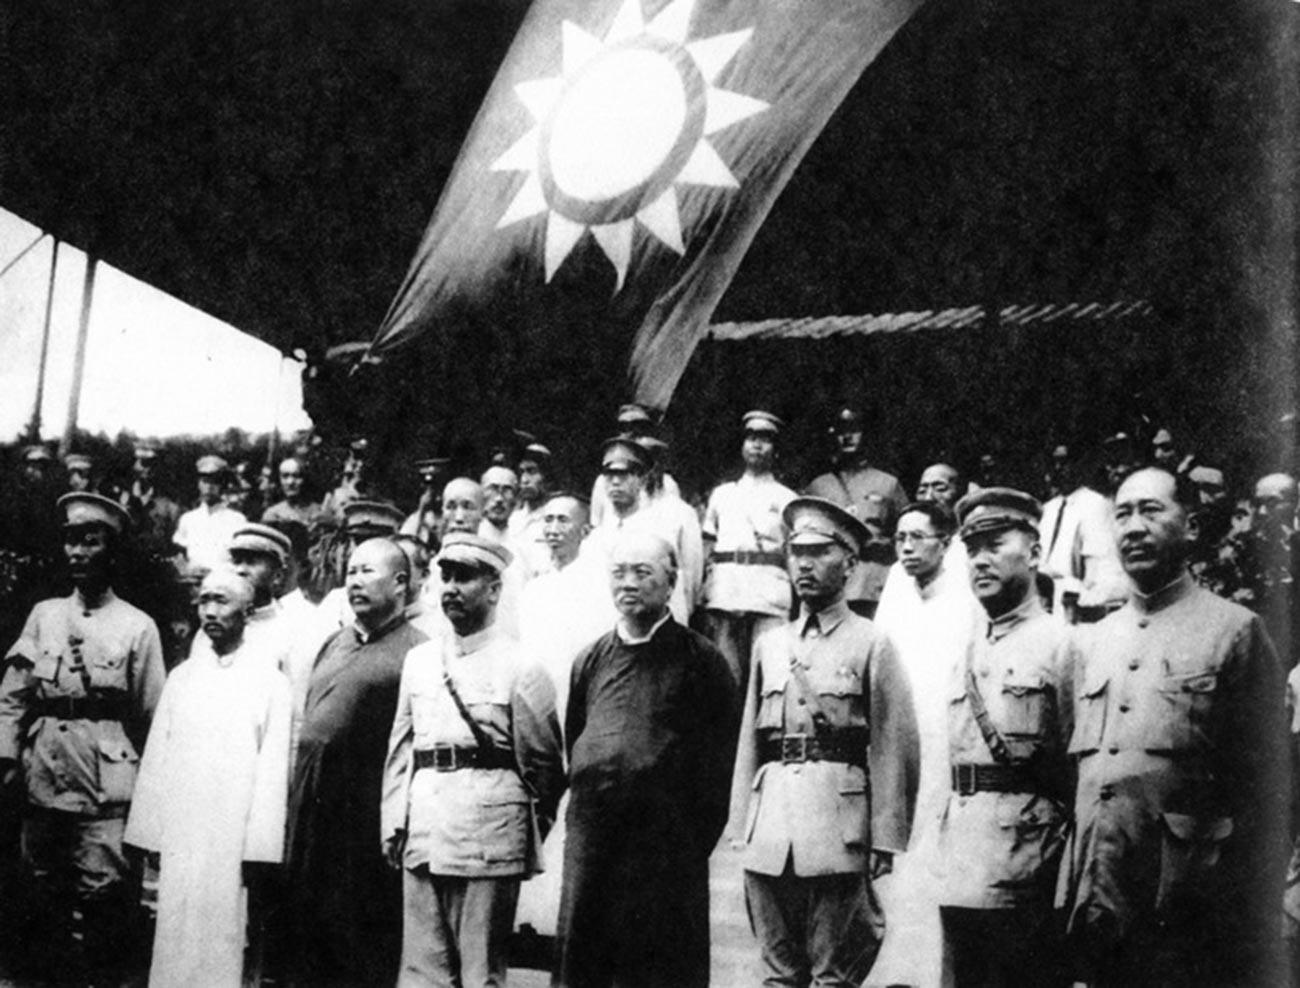 I generali dell'esercito rivoluzionario nazionale del Kuomintang